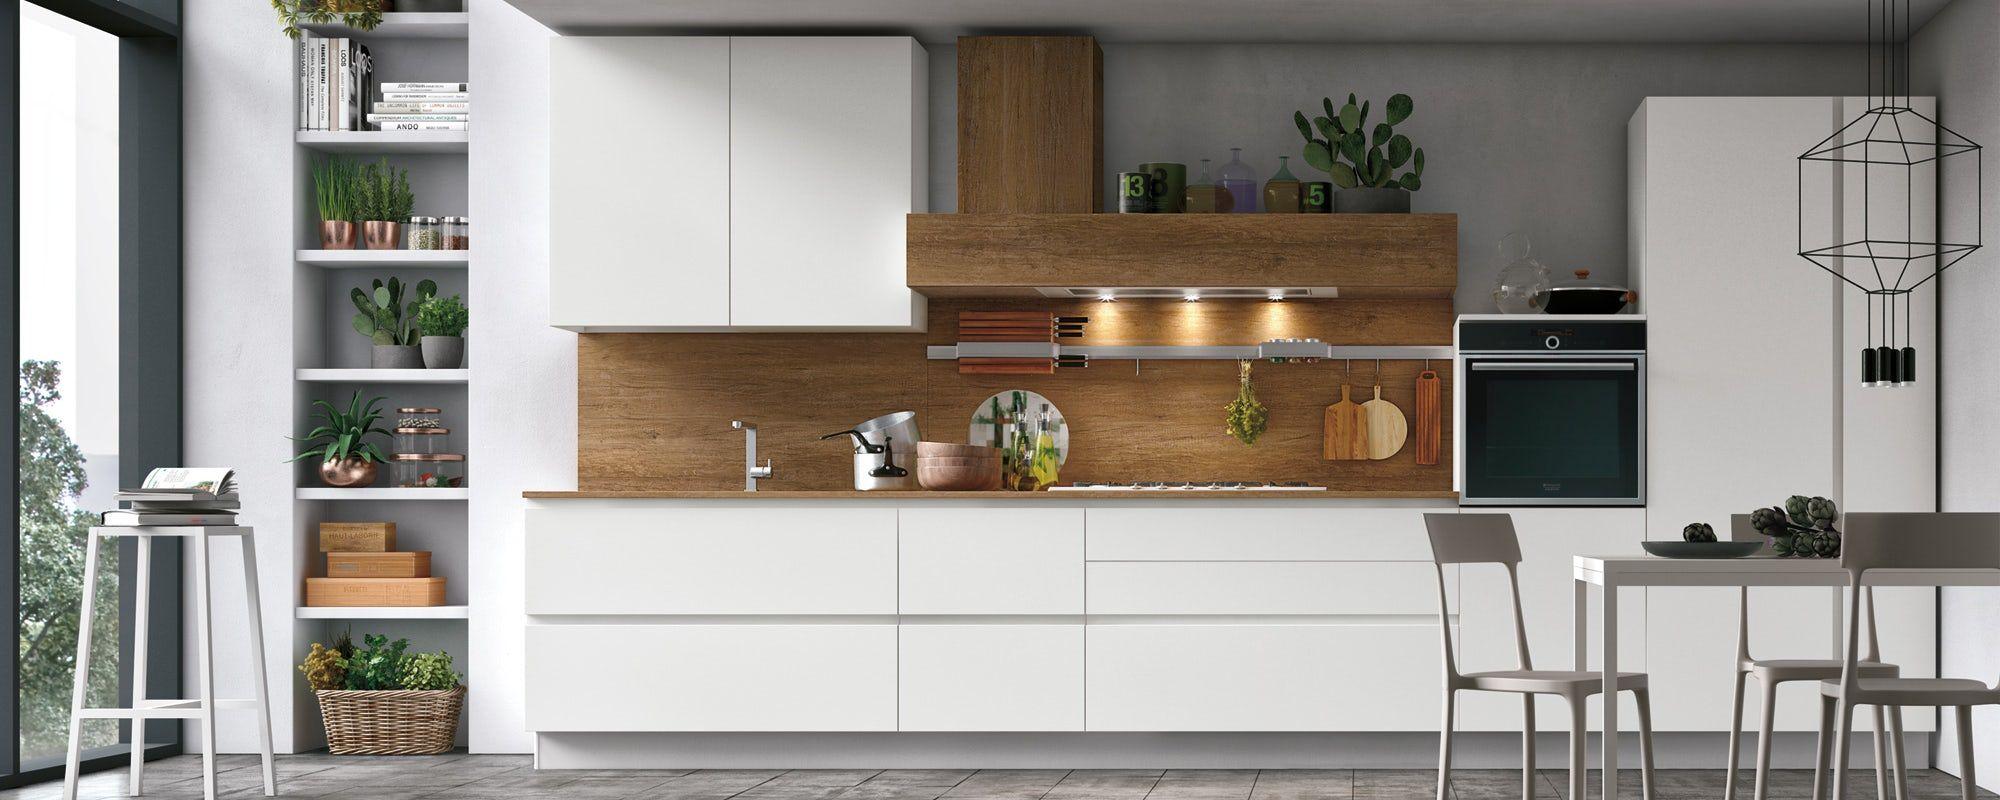 cucine moderne stosa - modello cucina infinity 02 | A - Home ...